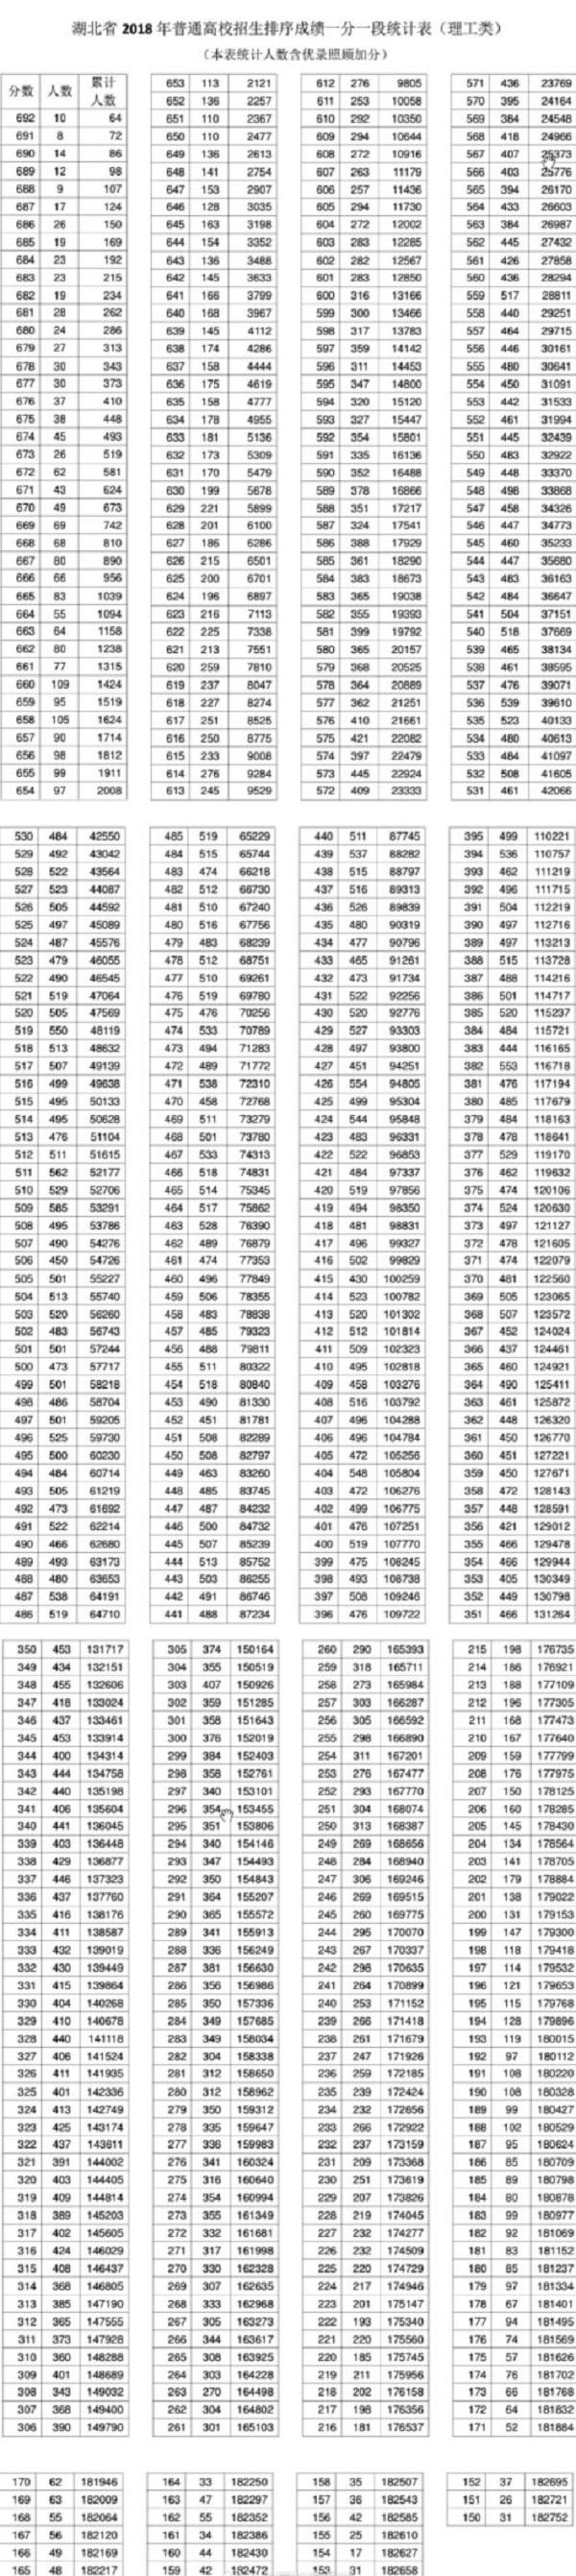 2018年湖北高考理科一分一档表